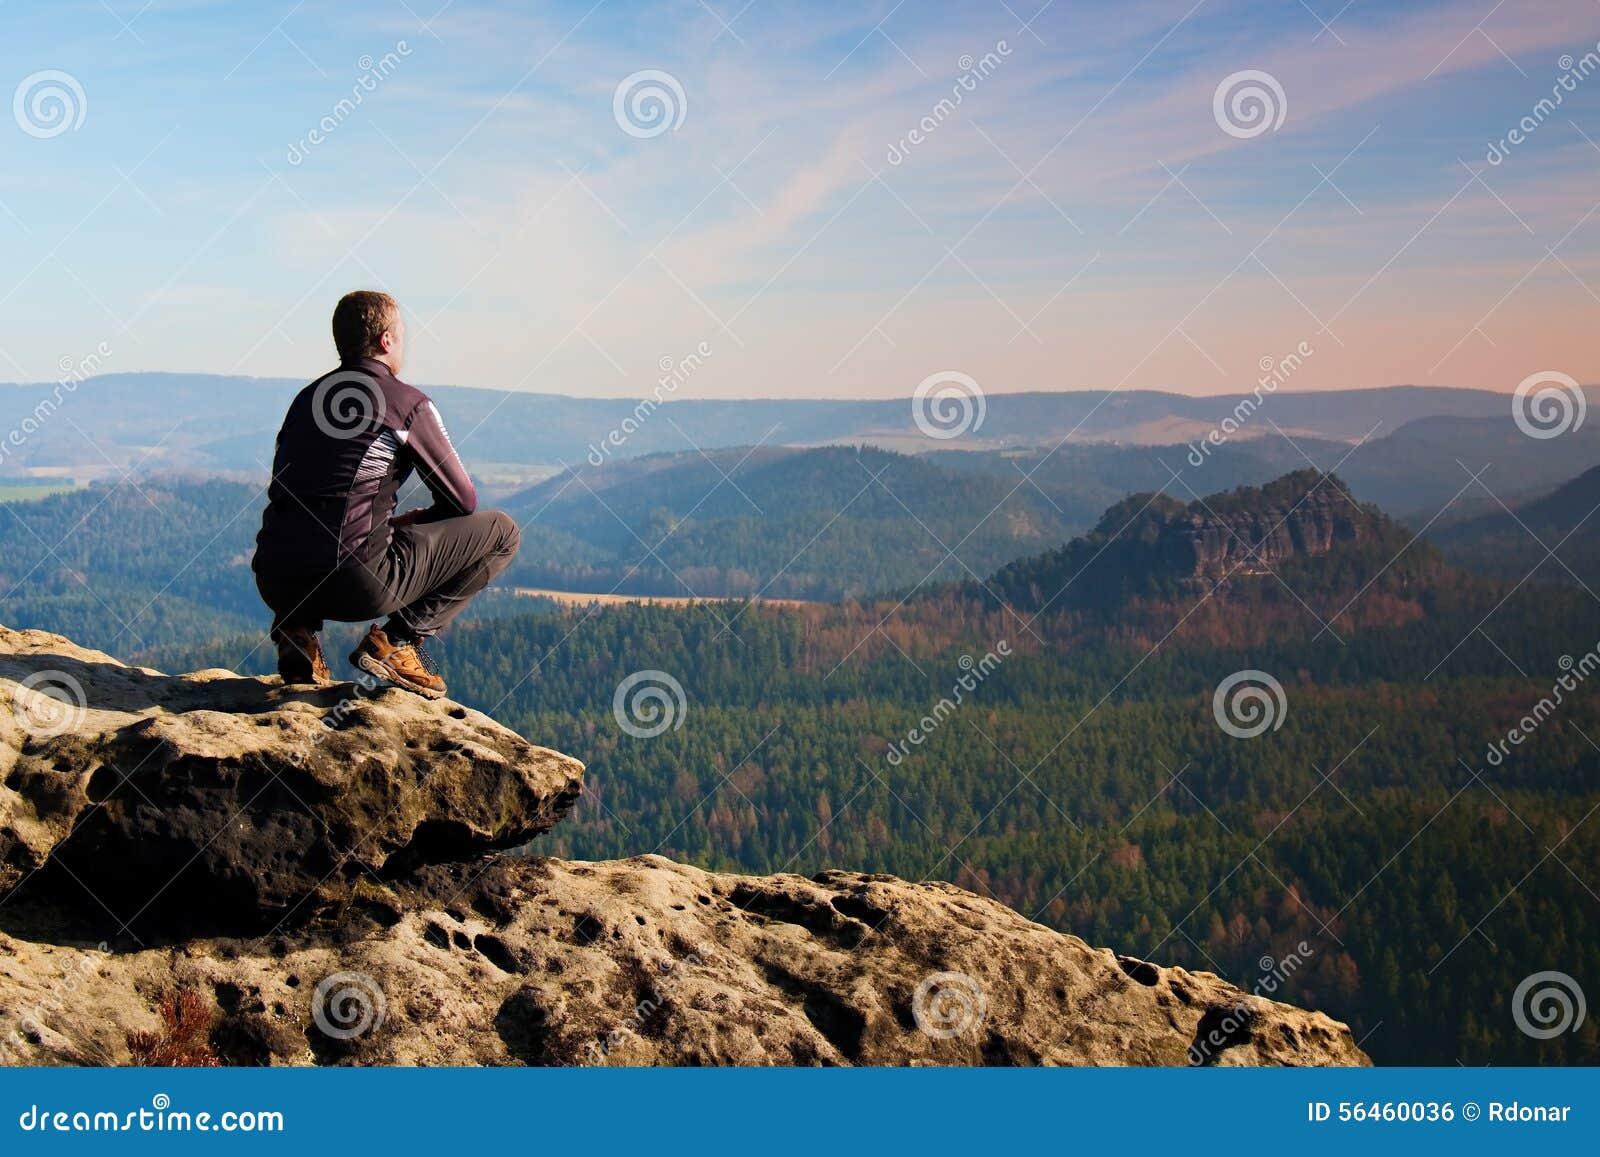 Kletternder erwachsener Mann an der Spitze des Felsens mit schöner Vogelperspektive des tiefen nebelhaften Tales brüllen